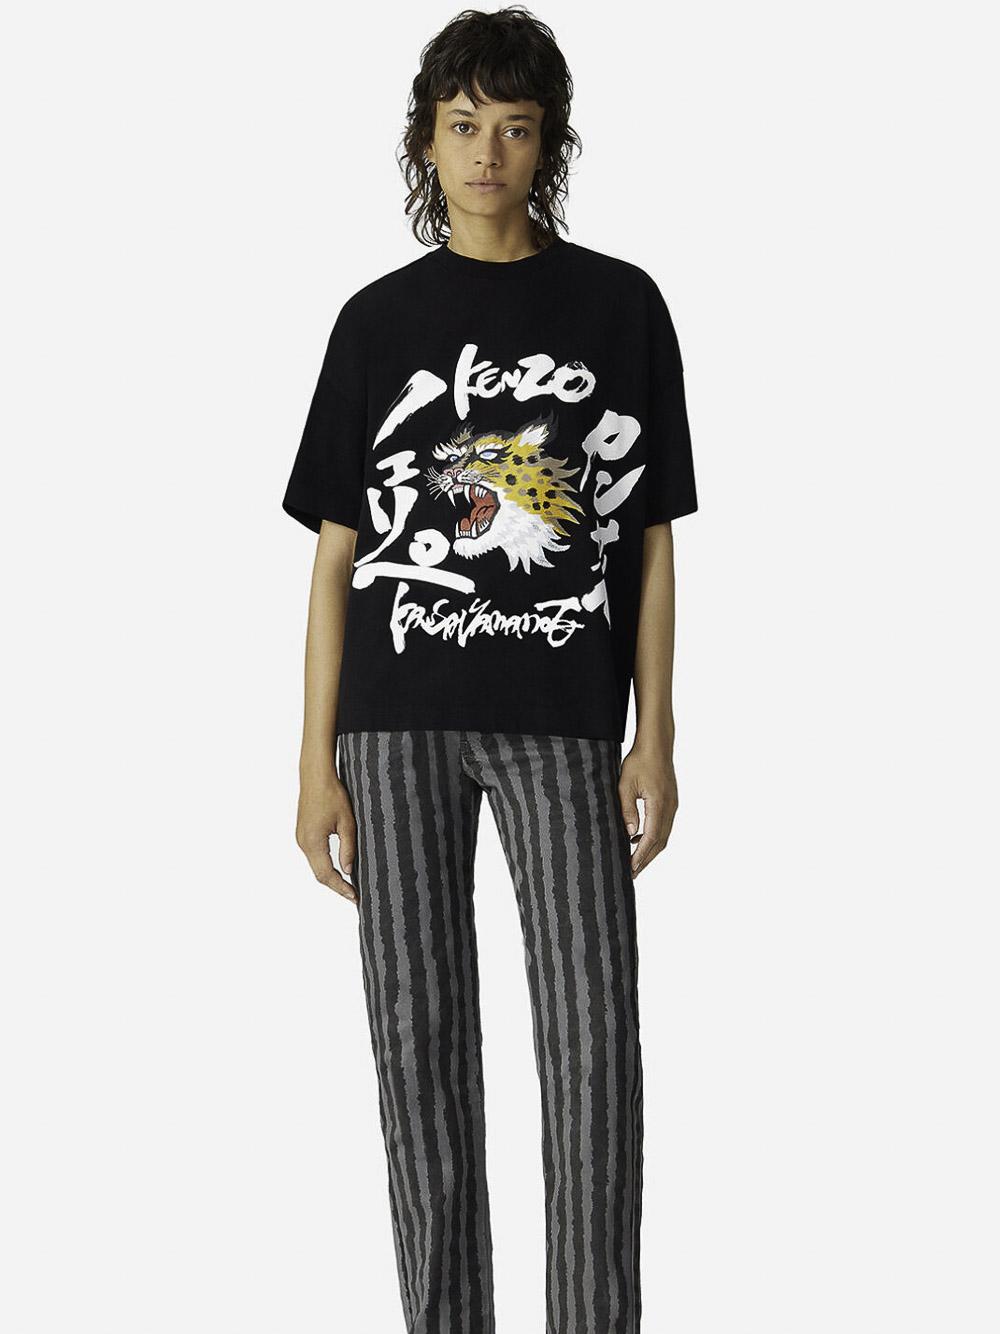 KENZO Μπλούζα t-shirt 2RO7784SK-99 ΜΑΥΡΟ